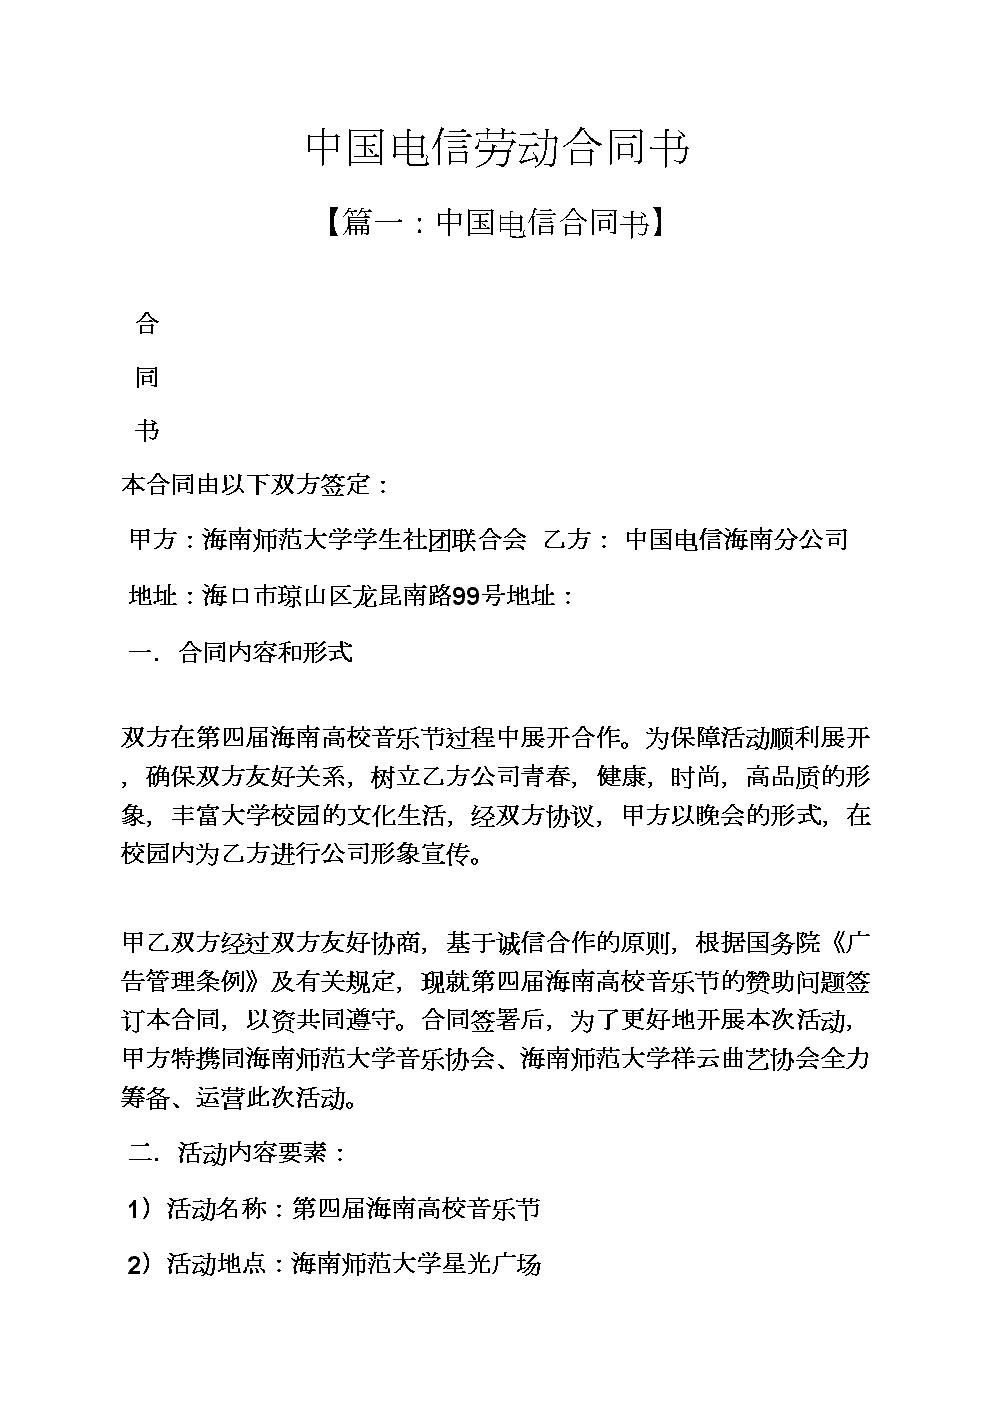 合同范本之中国电信劳动合同书.docx